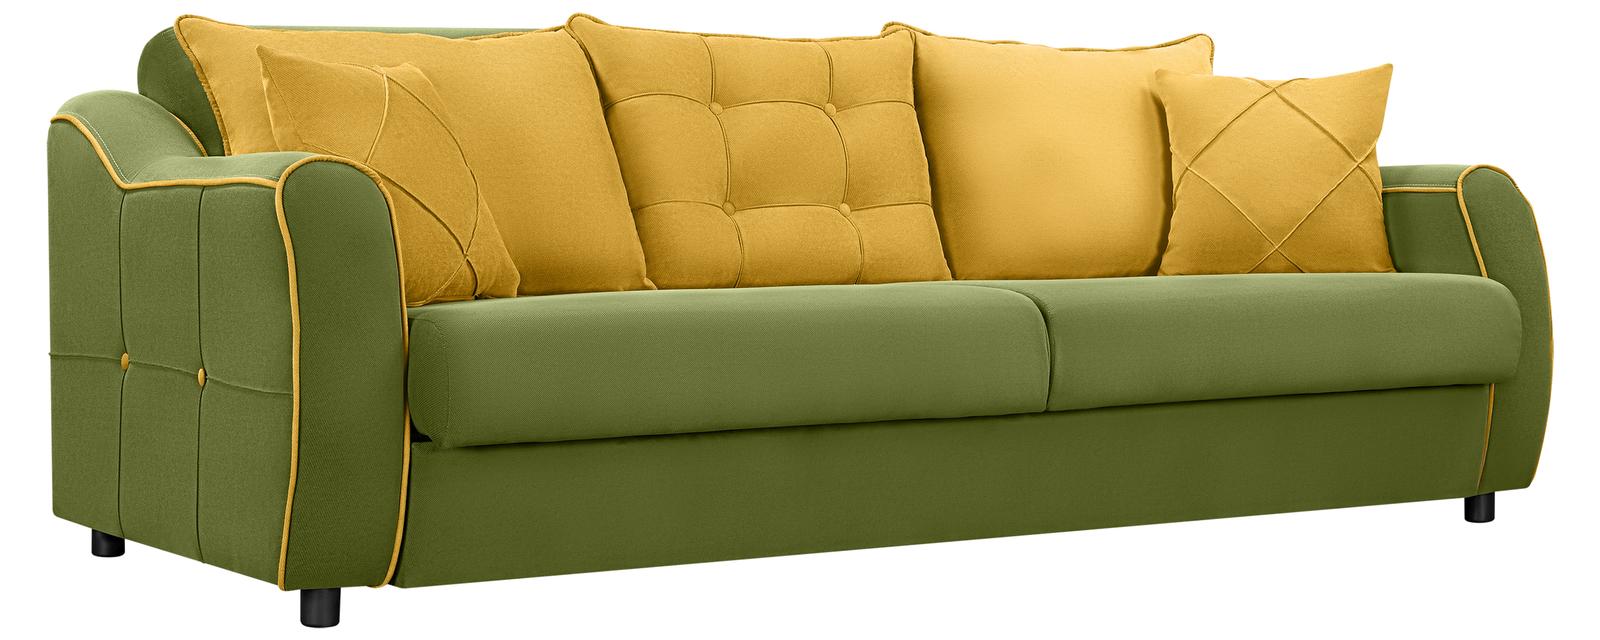 Диван тканевый прямой Флэтфорд Elegance зеленый/желтый (Микровелюр) Флэтфорд